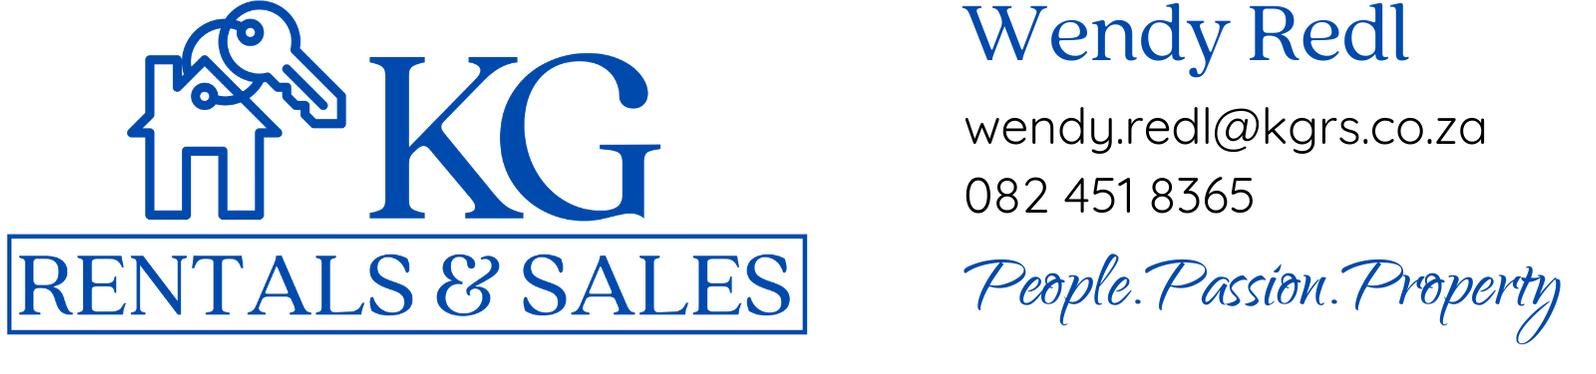 KG Rentals & Sales